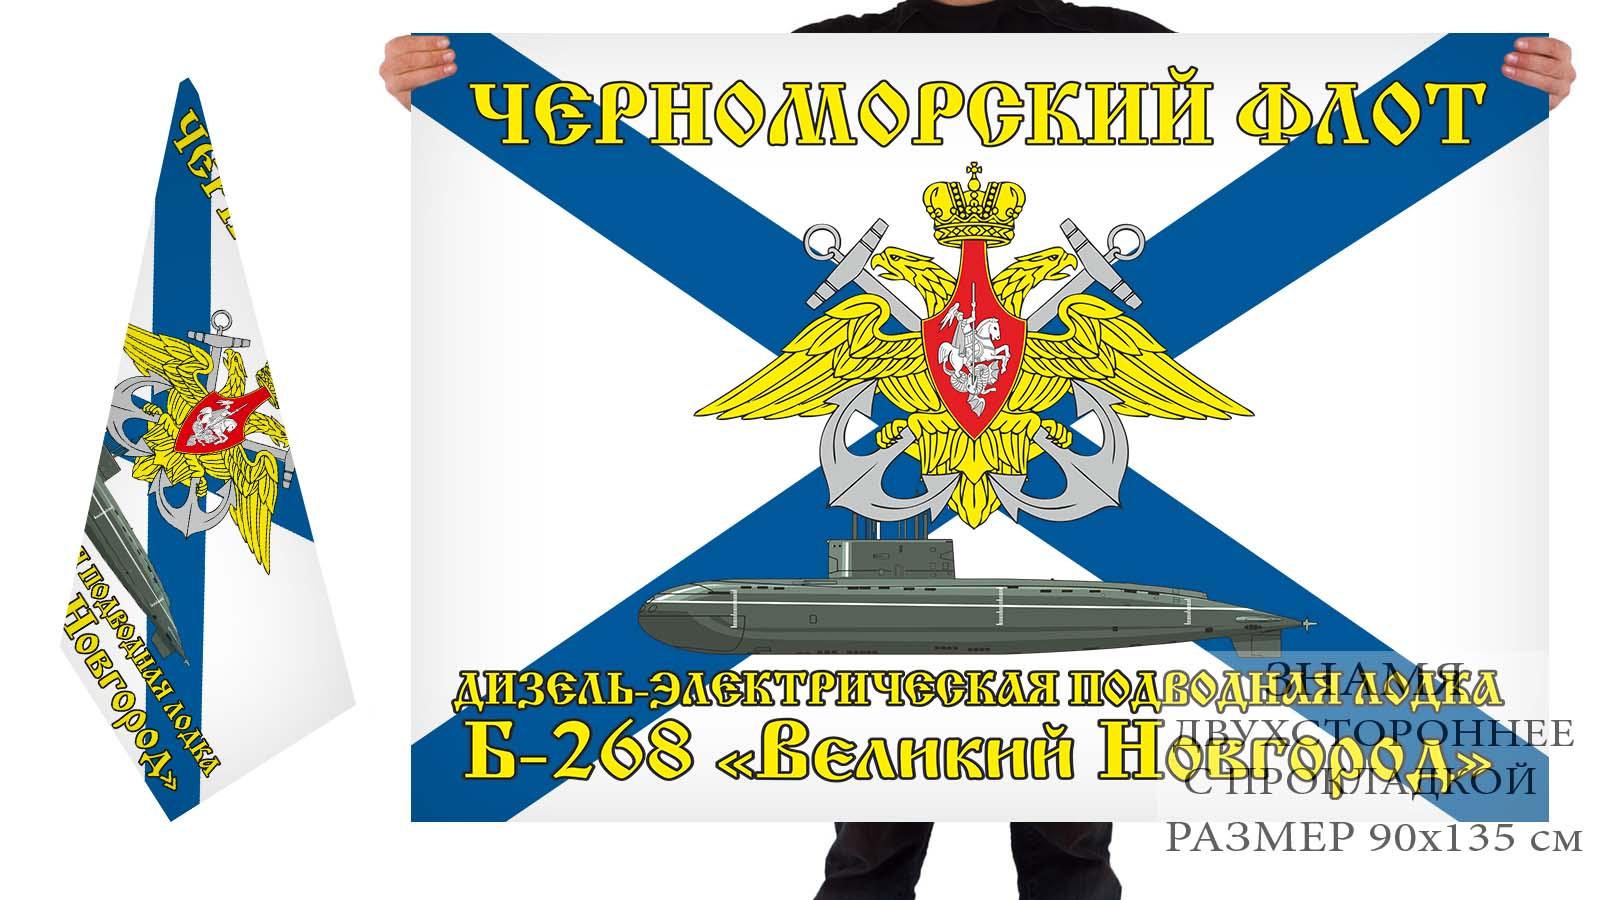 Двусторонний флаг ДЭПЛ Б-268 «Великий Новгород»